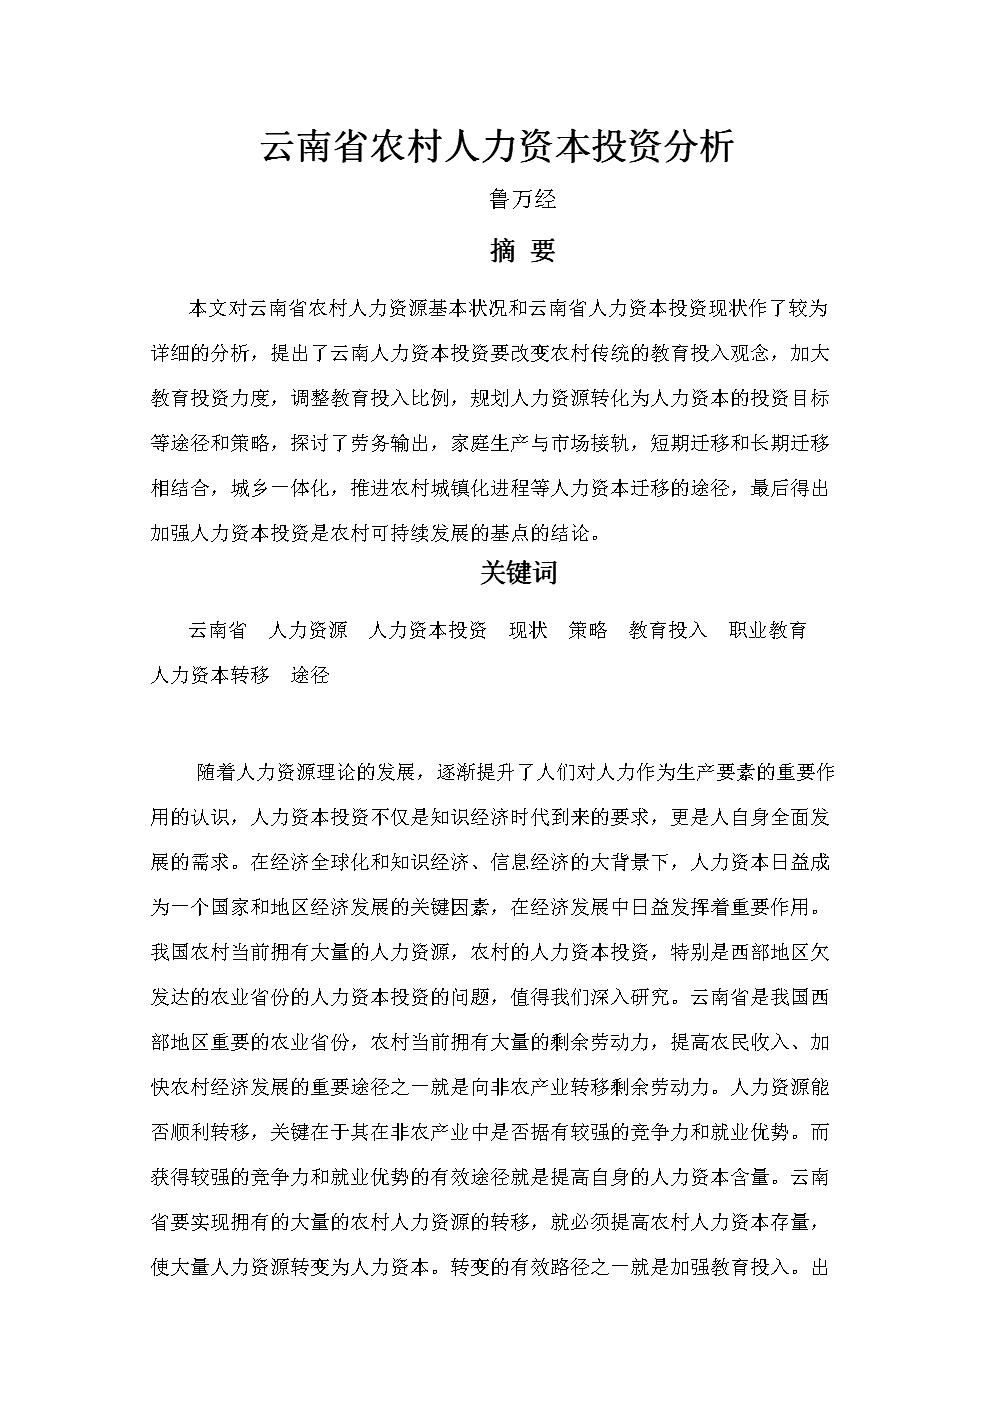 云南省农村人力资本投资分析.doc